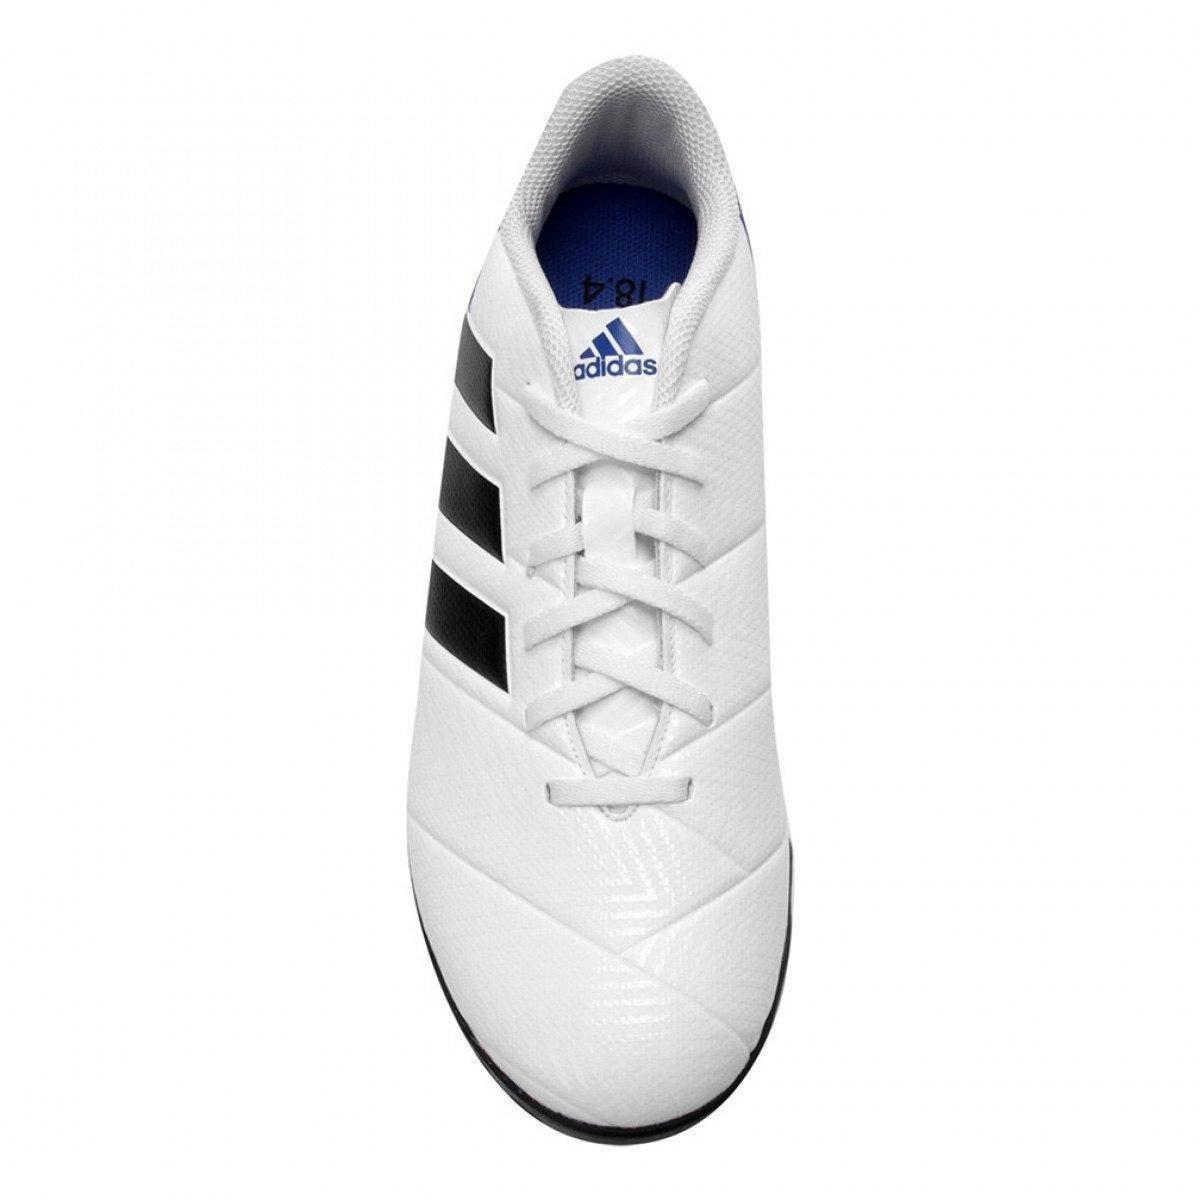 ece905c68b ... Chuteira Society Adidas Nemeziz Messi Tango 18.4 - Branco e Azul ...